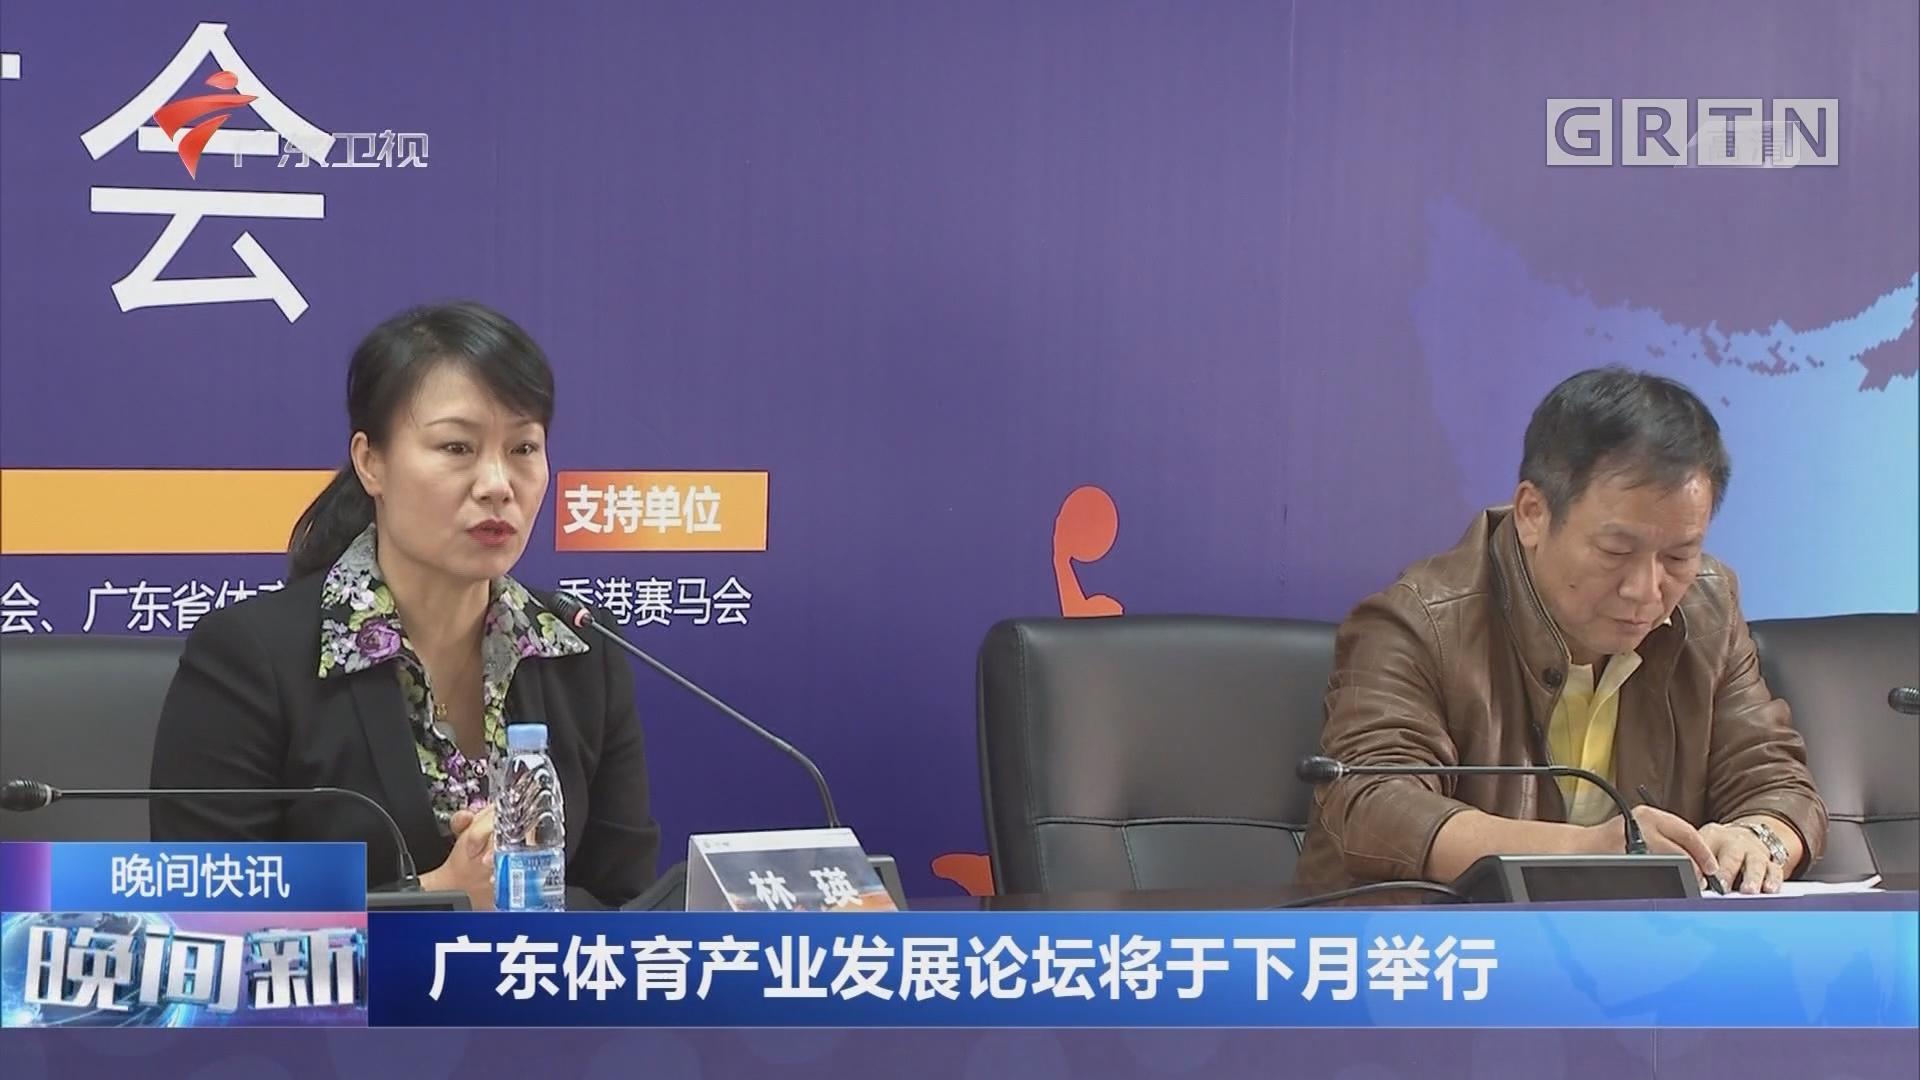 广东体育产业发展论坛将于下月举行